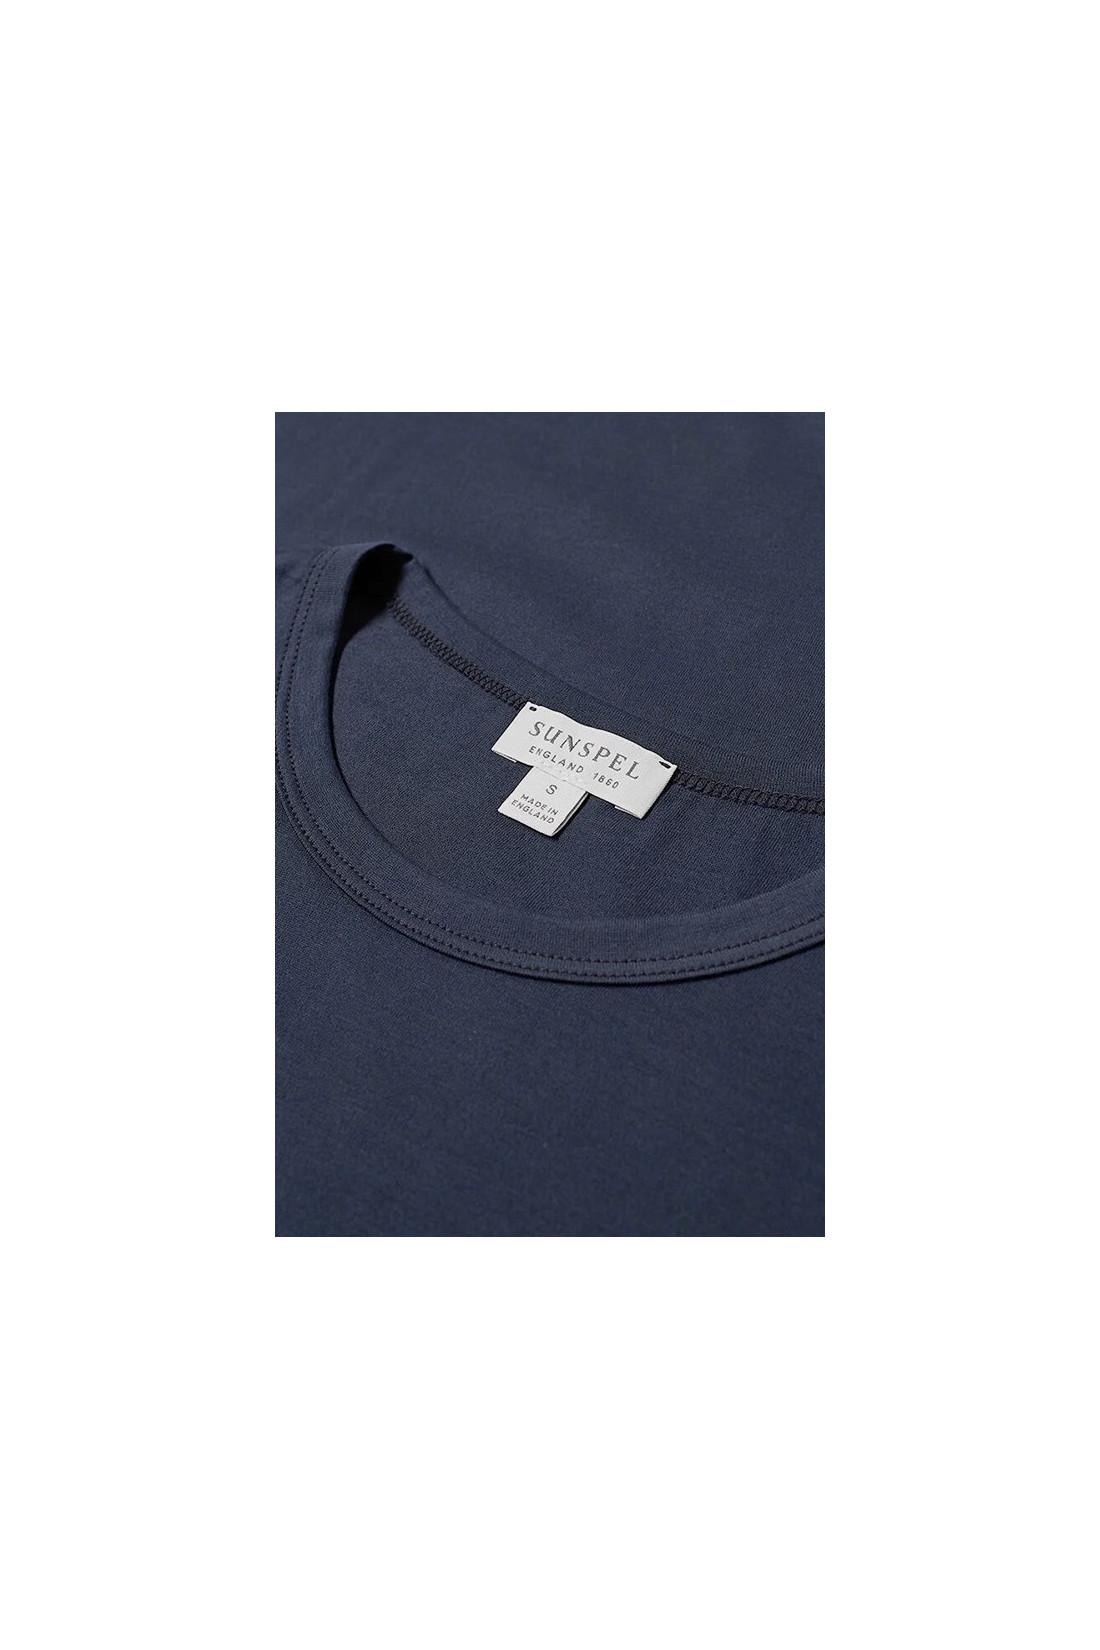 SUNSPEL / Ss classic crew neck t shirt Navy